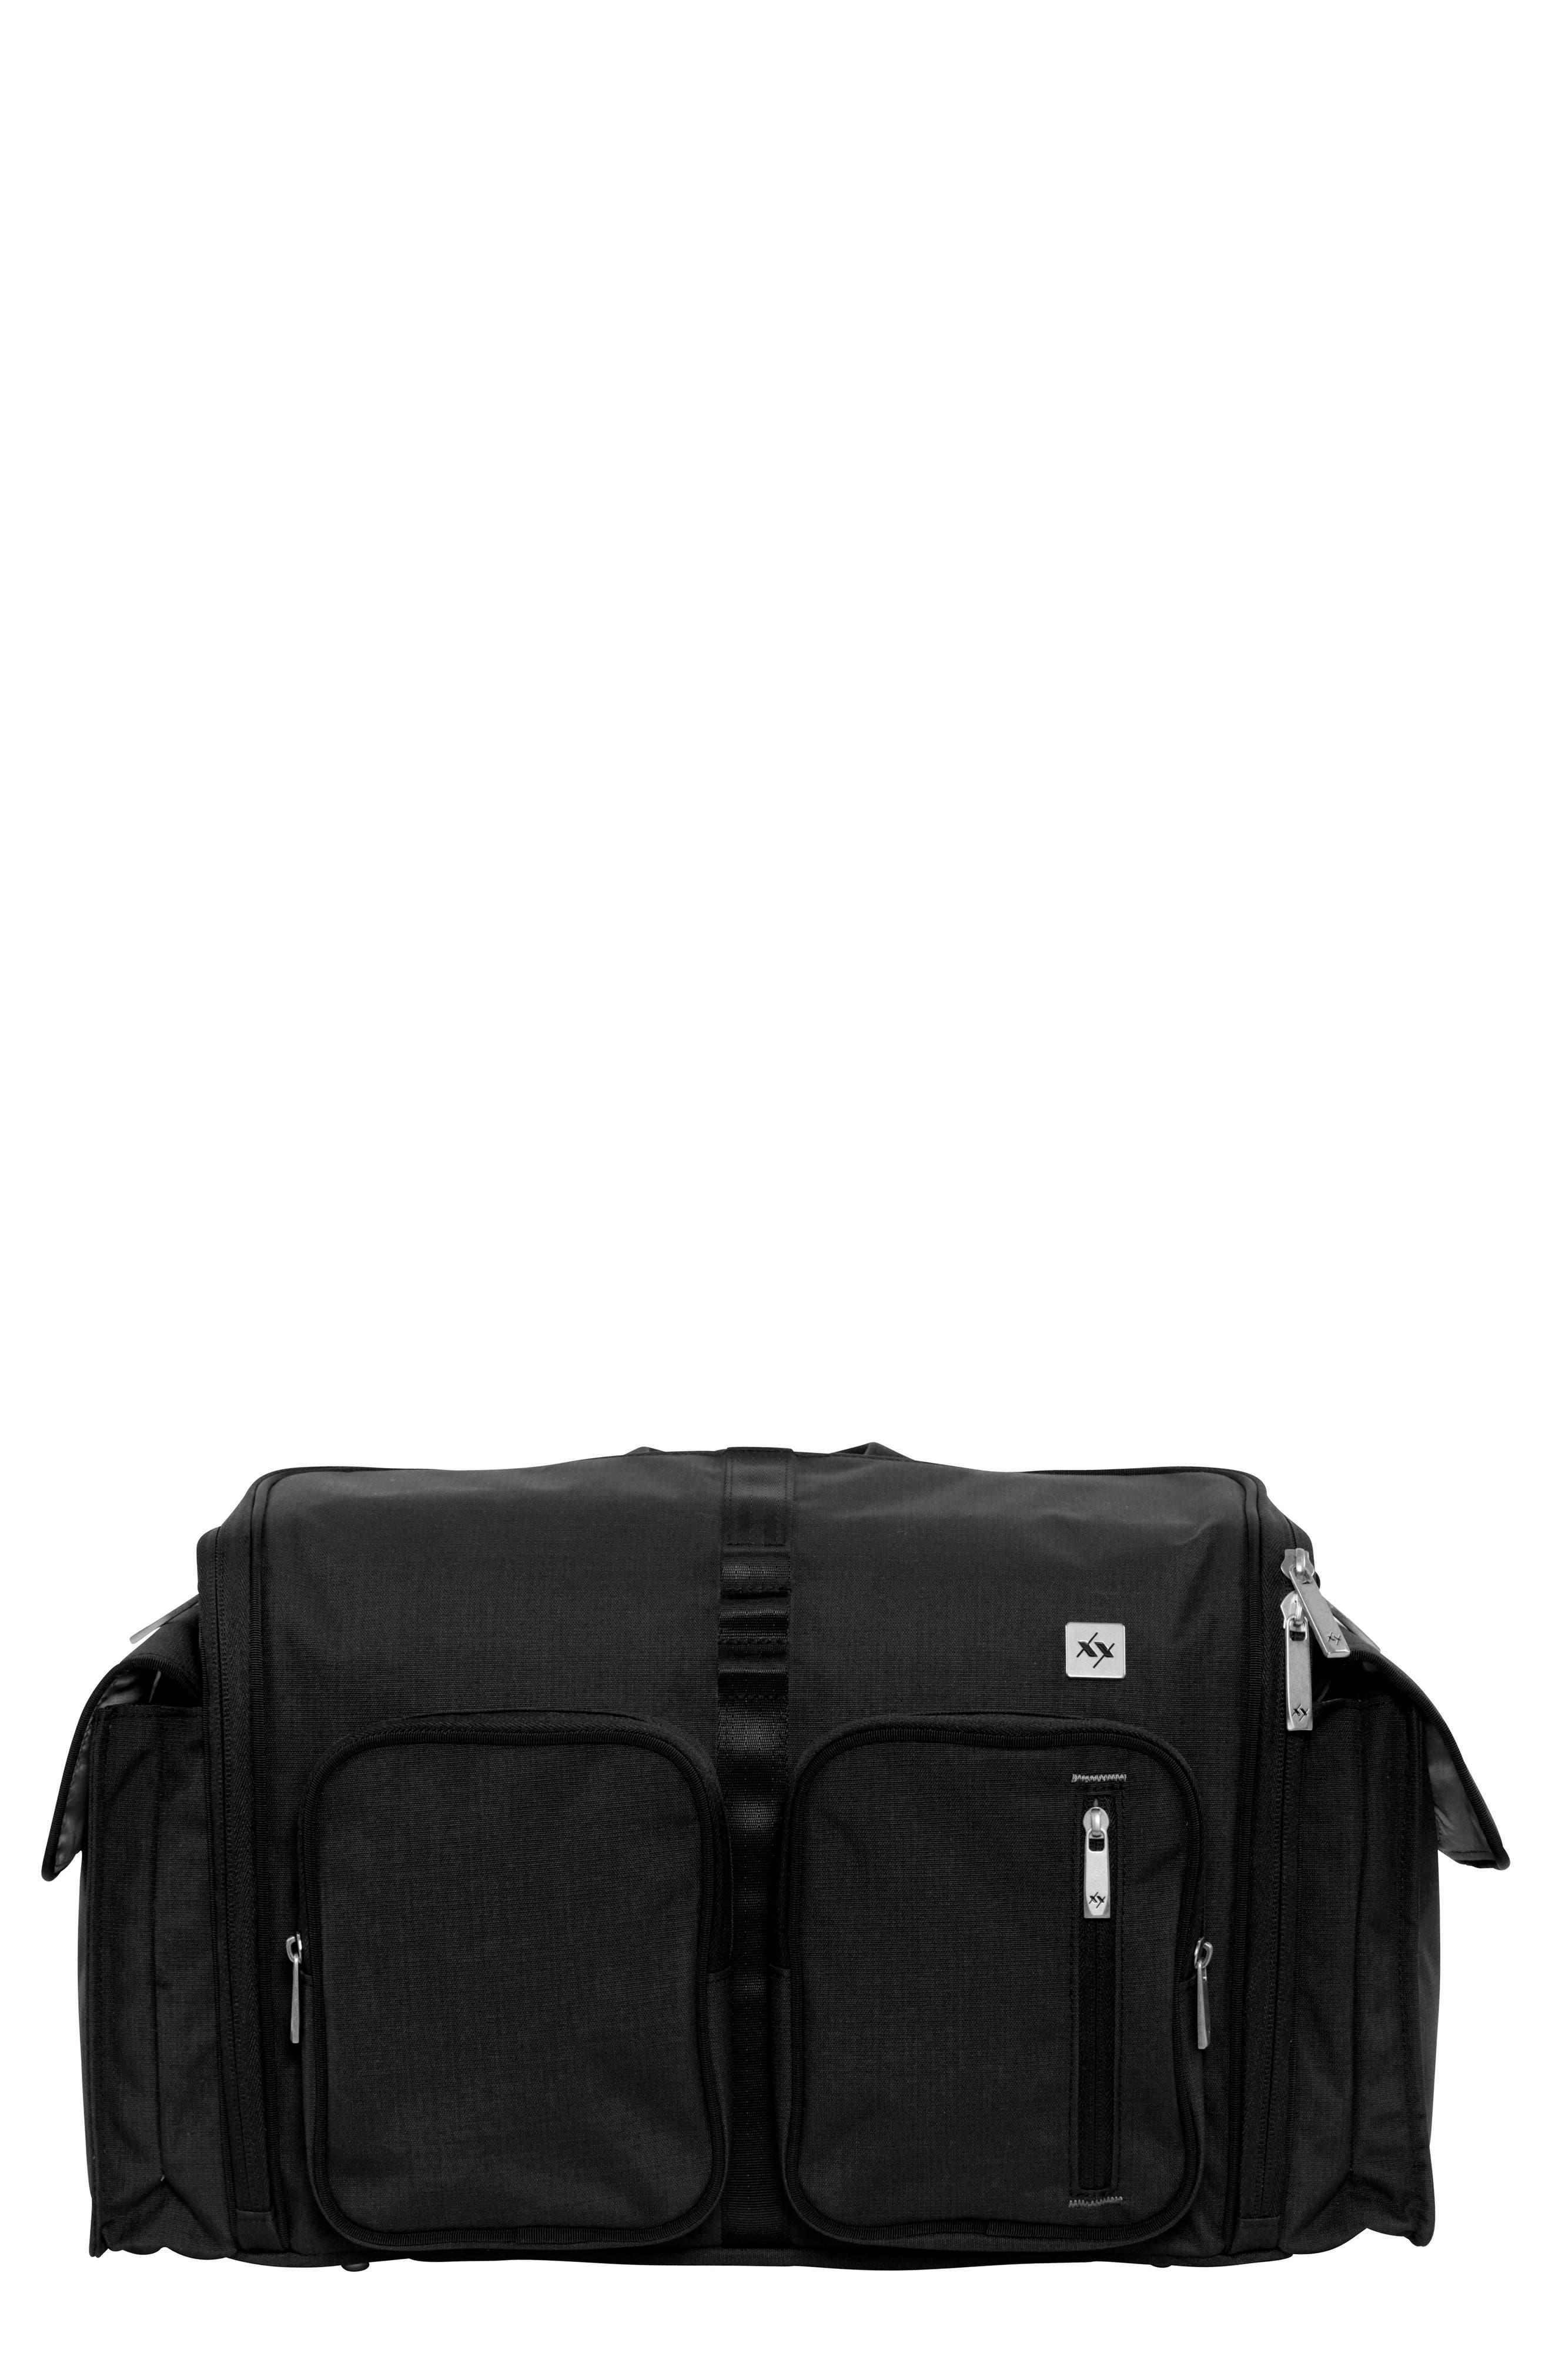 Alternate Image 1 Selected - Ju-Ju-Be XY Clone Diaper Bag